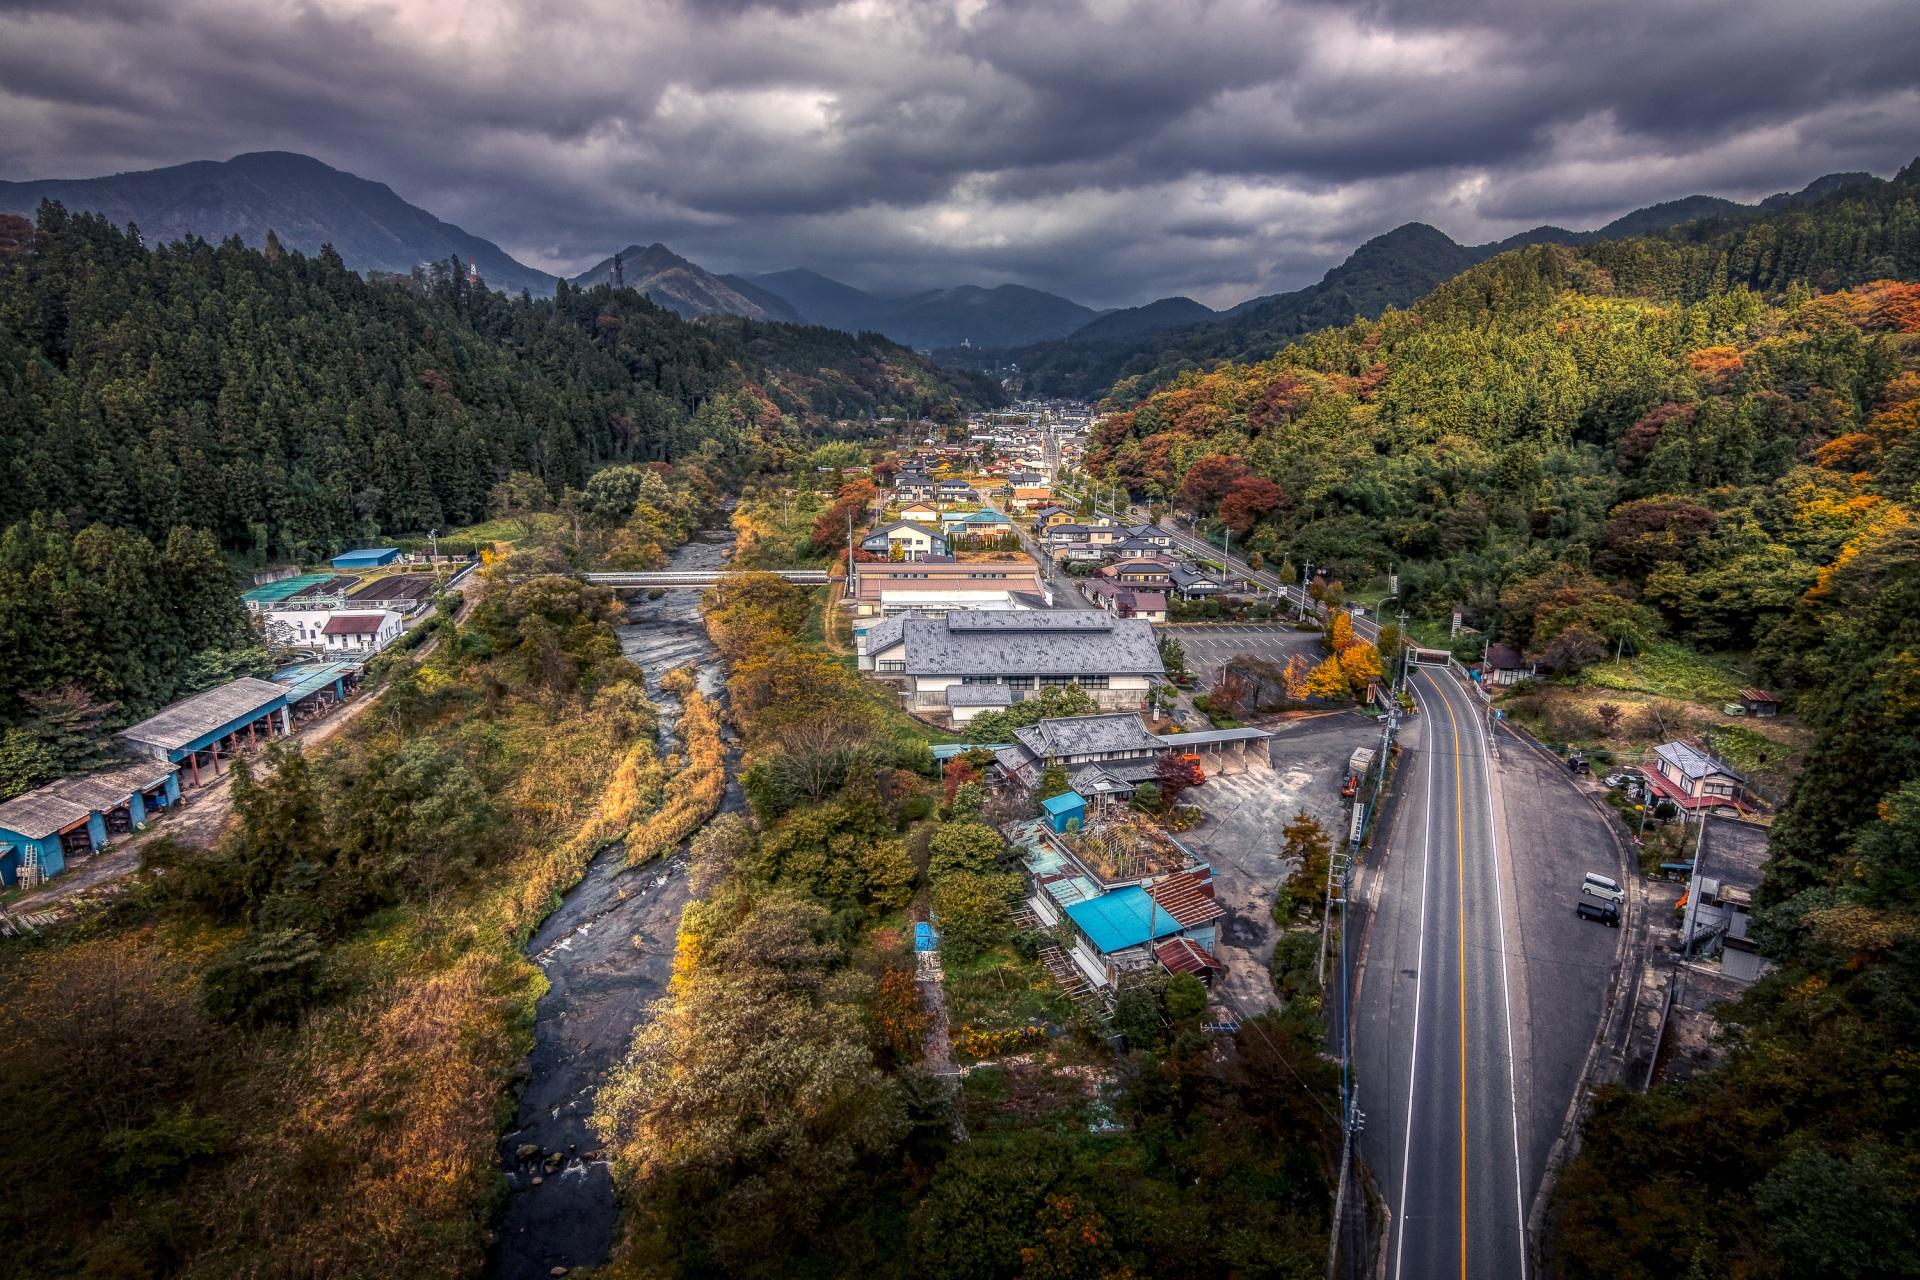 Обои для рабочего стола Япония Gunma HDRI Осень лес Дороги Города Здания 1920x1280 HDR осенние Леса Дома город